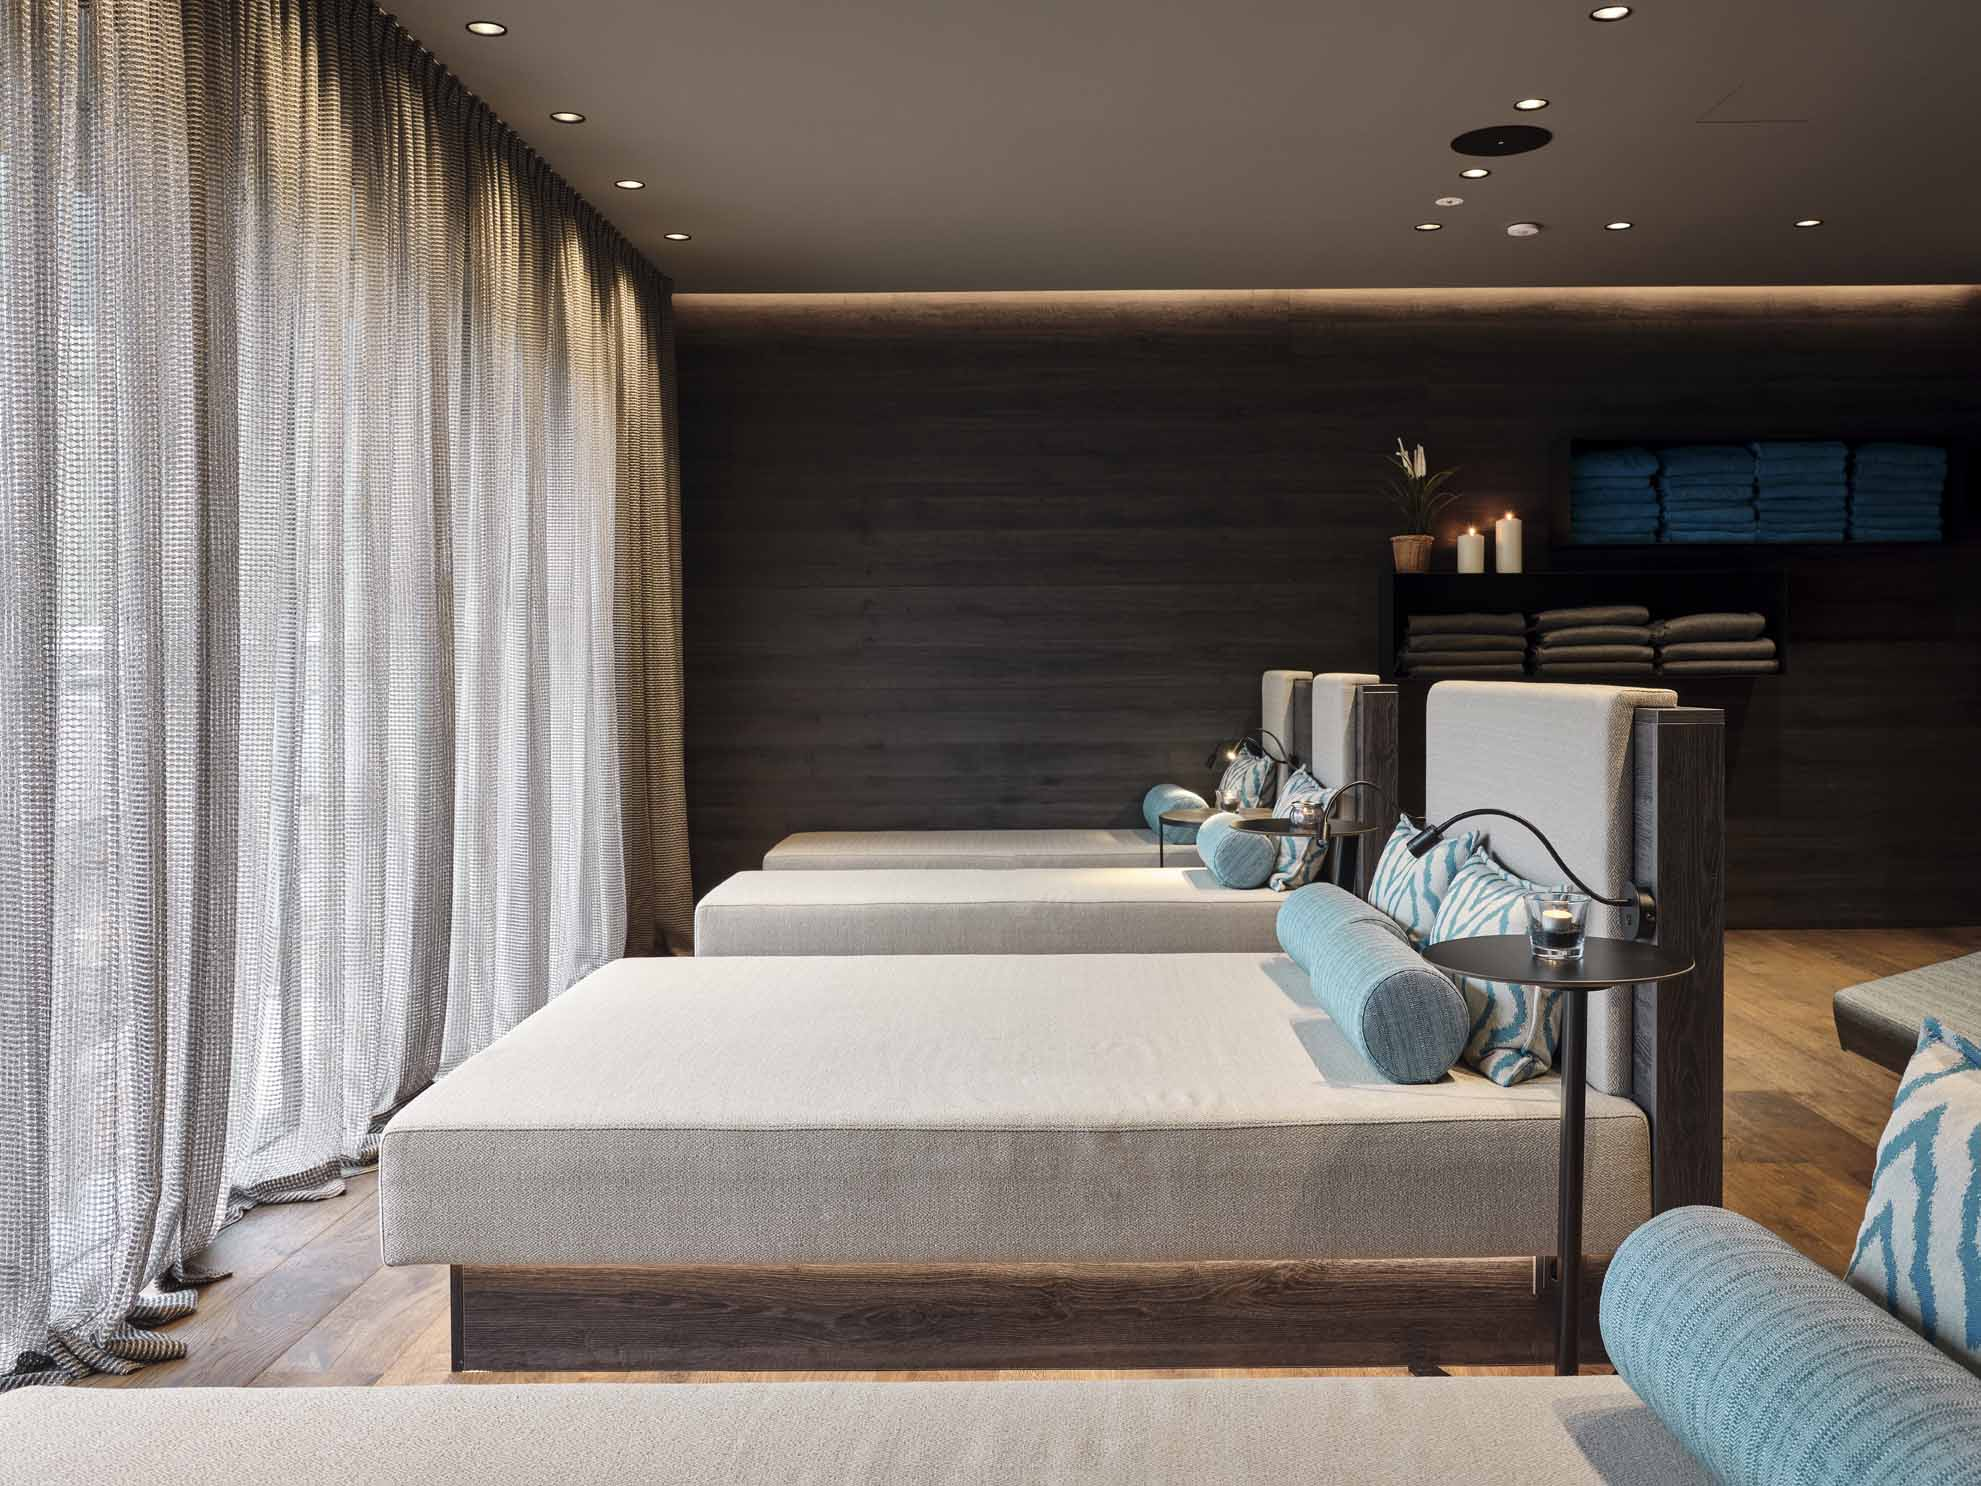 Graue Liegebetten aus Holz mit blauen Pölstern